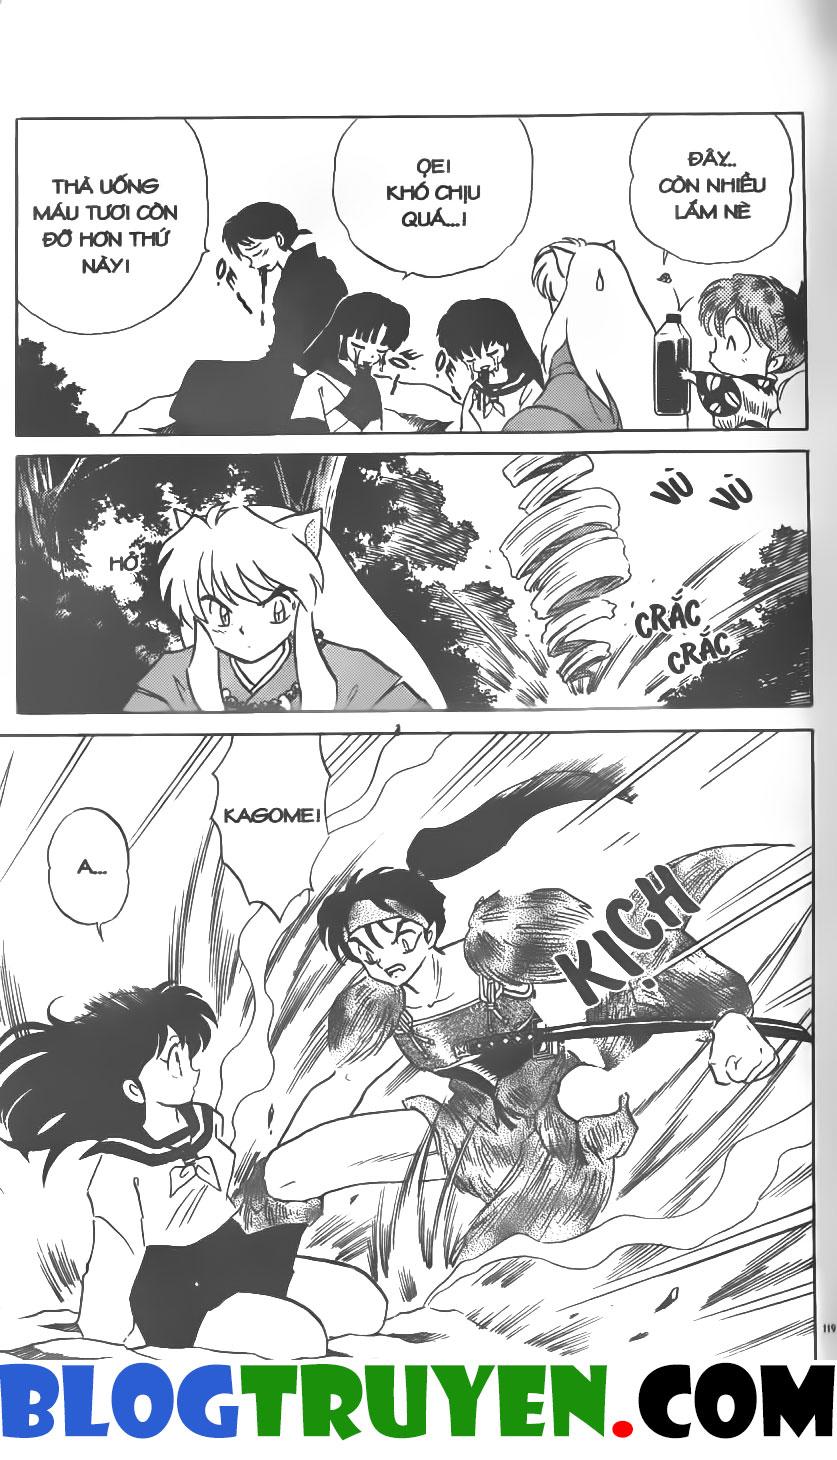 Inuyasha vol 25.7 trang 6